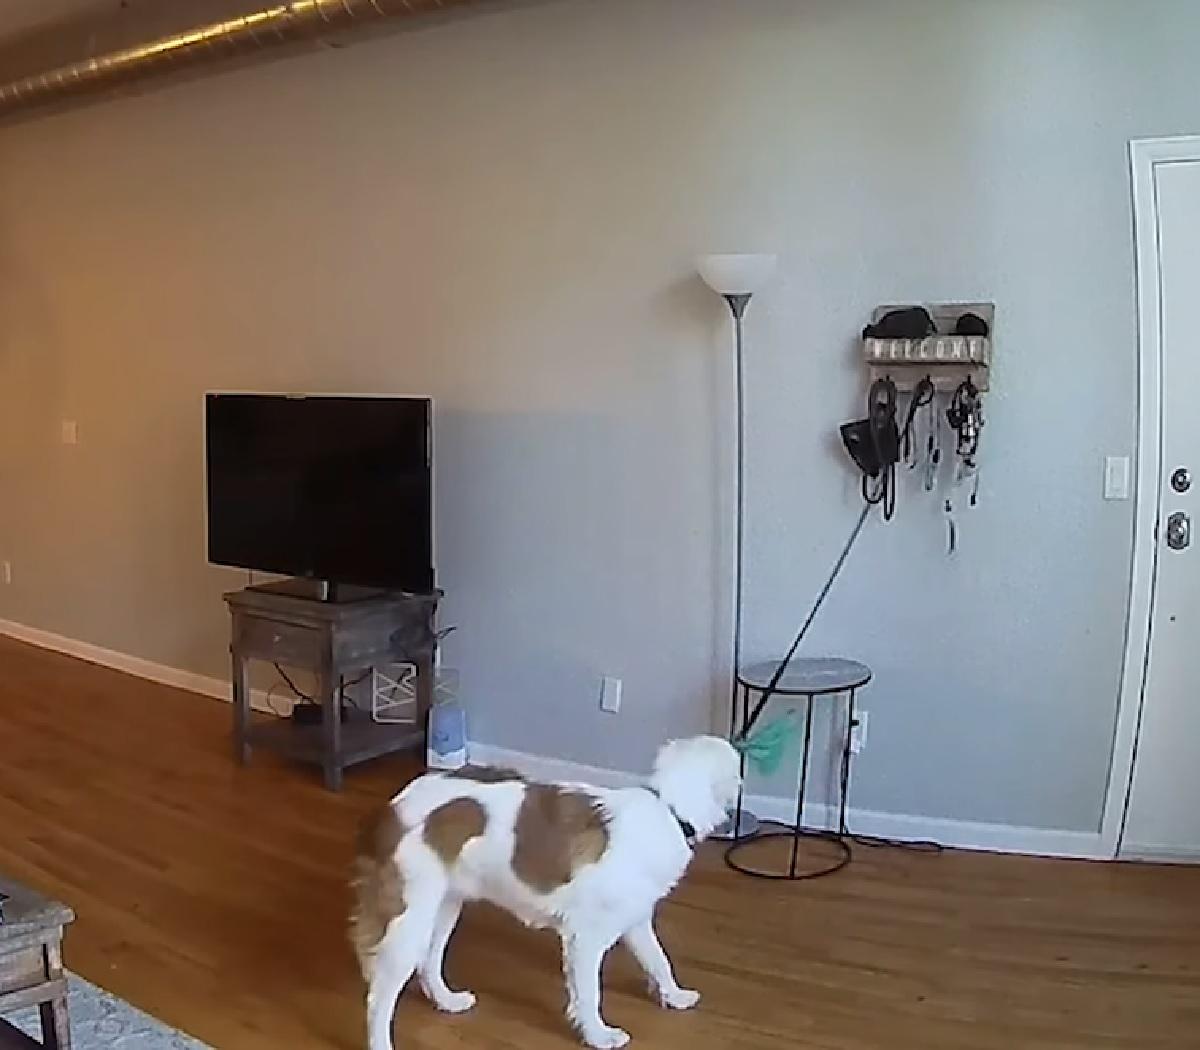 Cucciolo di cane vuole uscire per una passeggiata e sa come trasmettere il messaggio in video